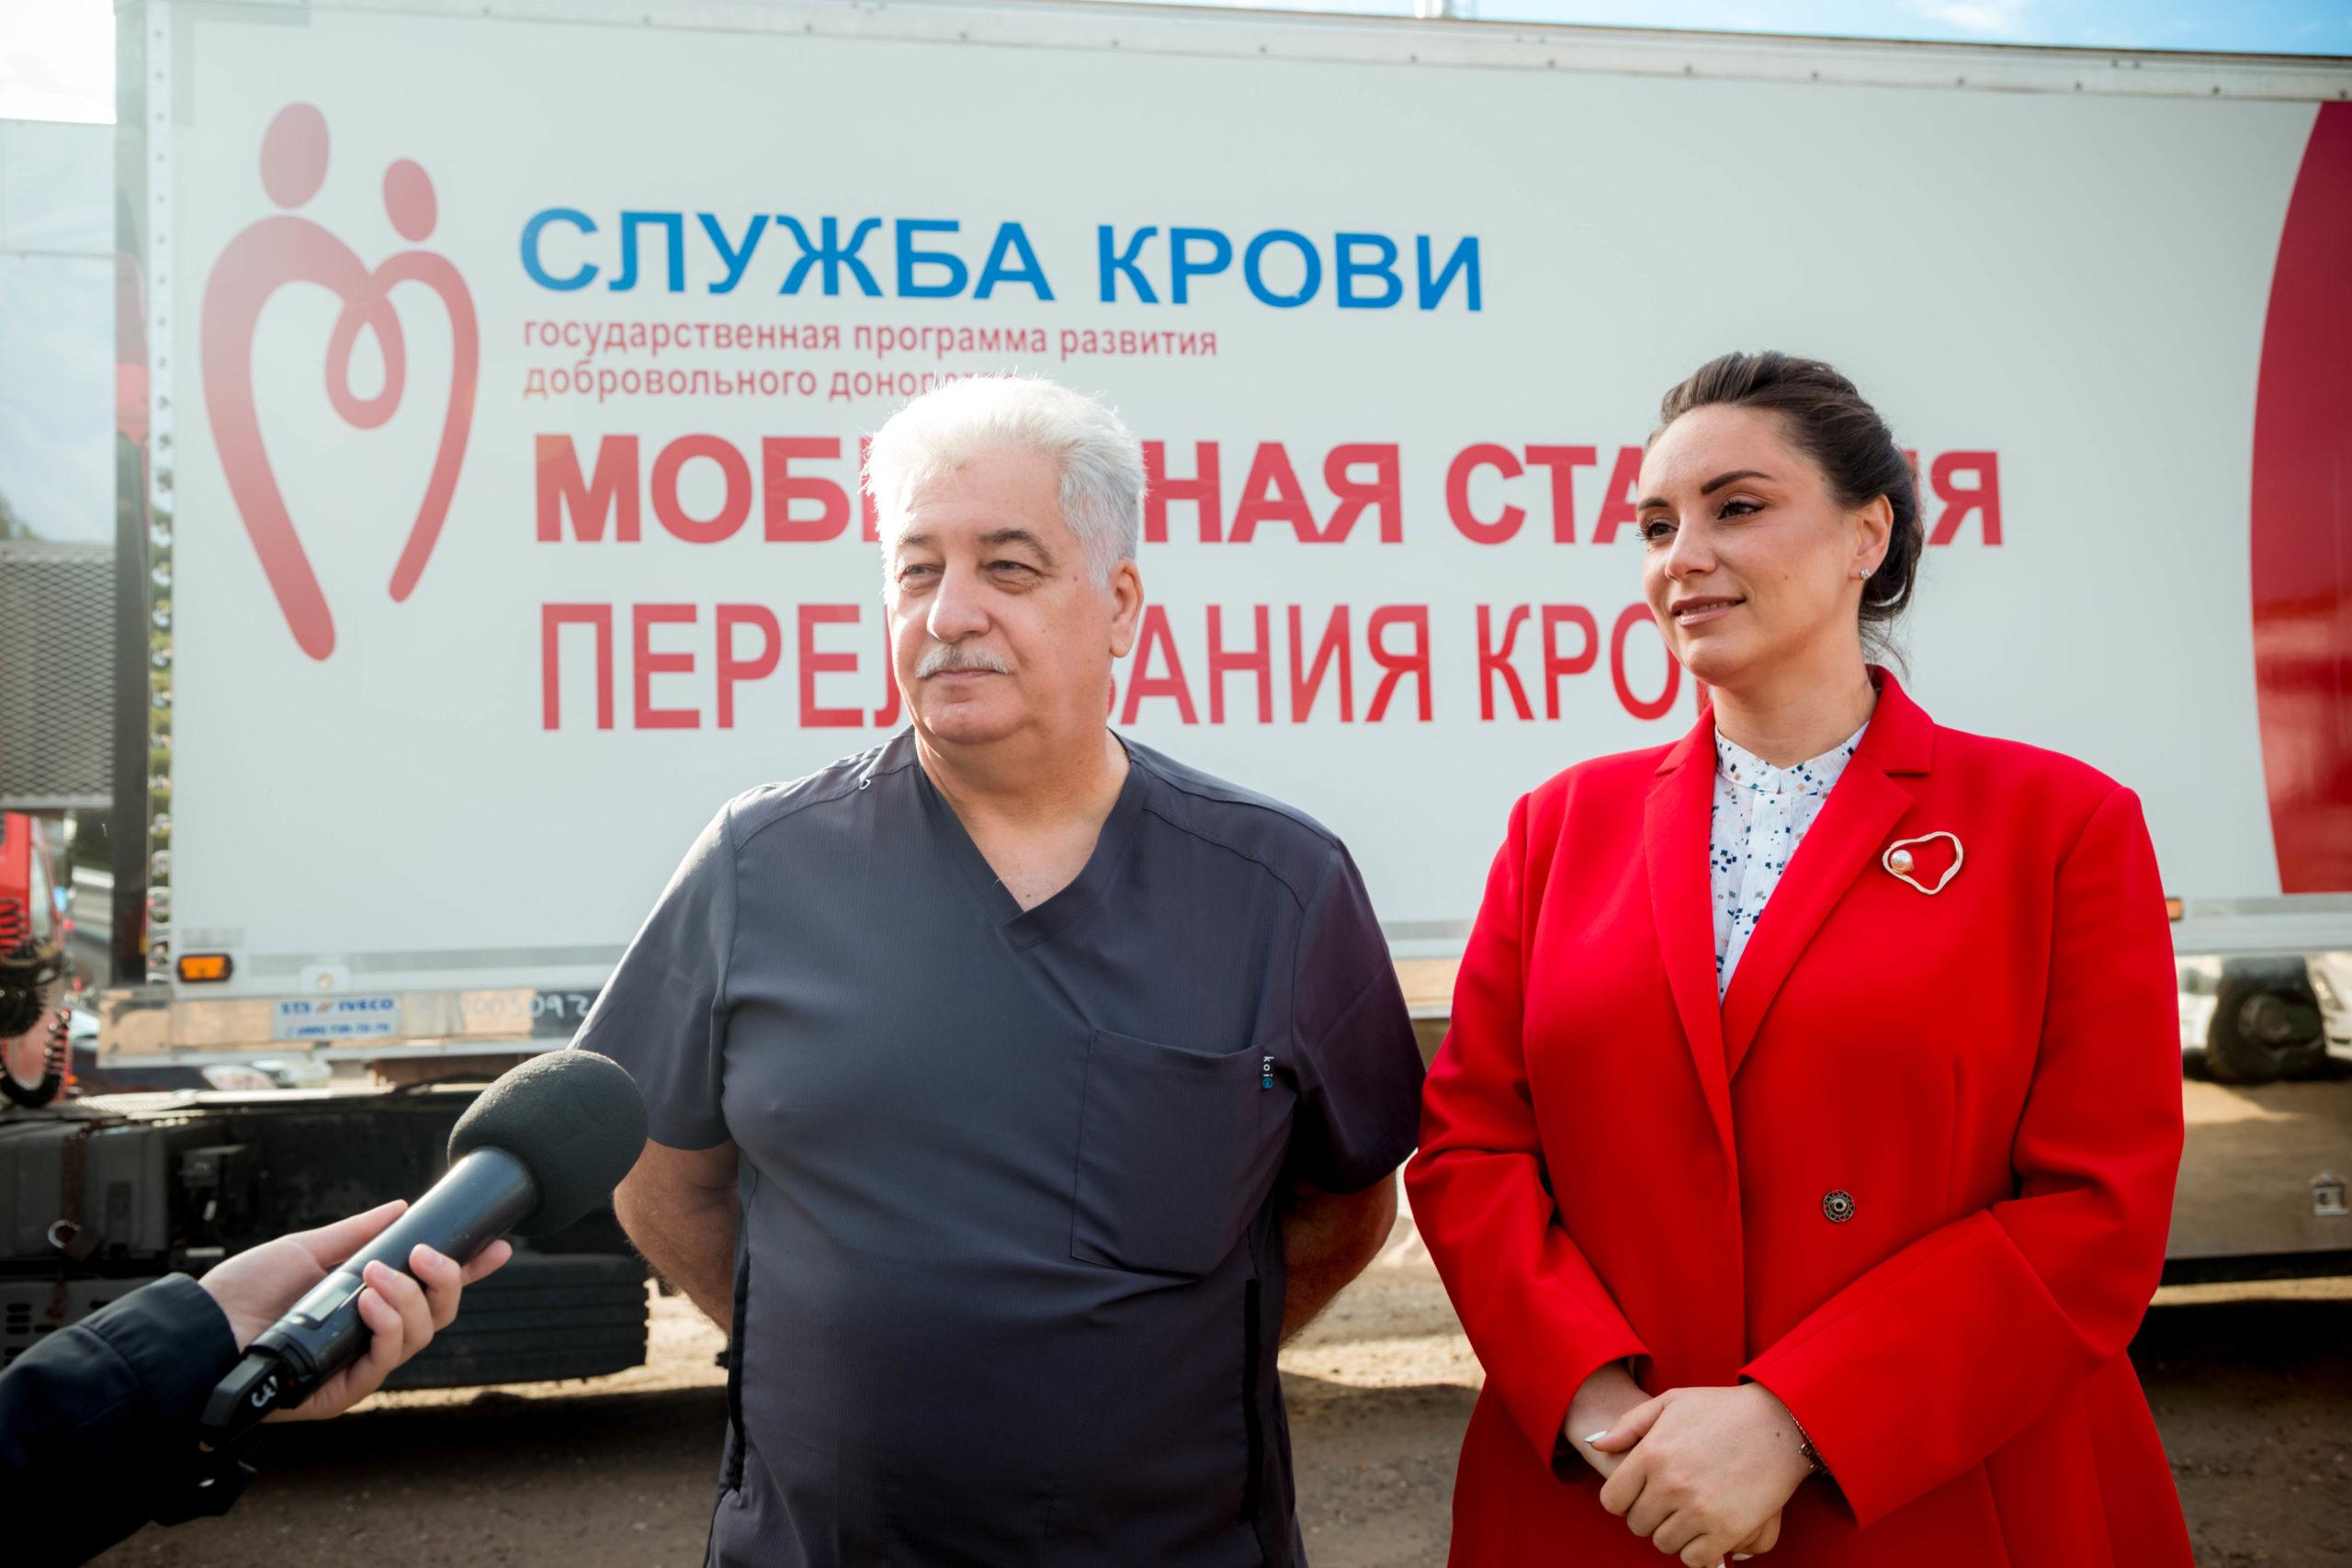 В Конаково приехала мобильная станция переливания крови